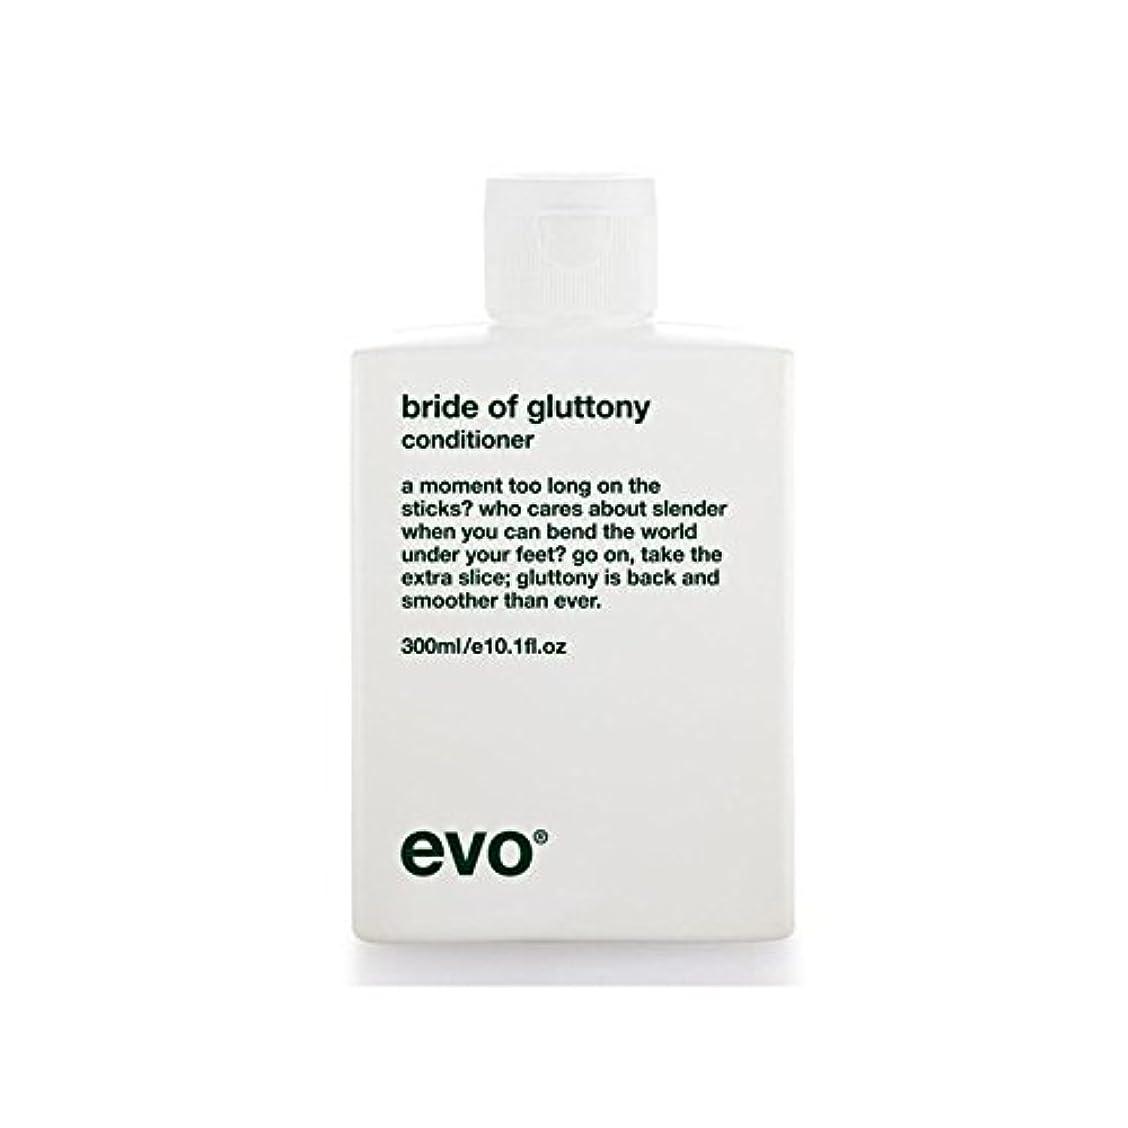 外科医超えてマガジン飽食のボリュームコンディショナーのエボ花嫁 x2 - Evo Bride Of Gluttony Volume Conditioner (Pack of 2) [並行輸入品]